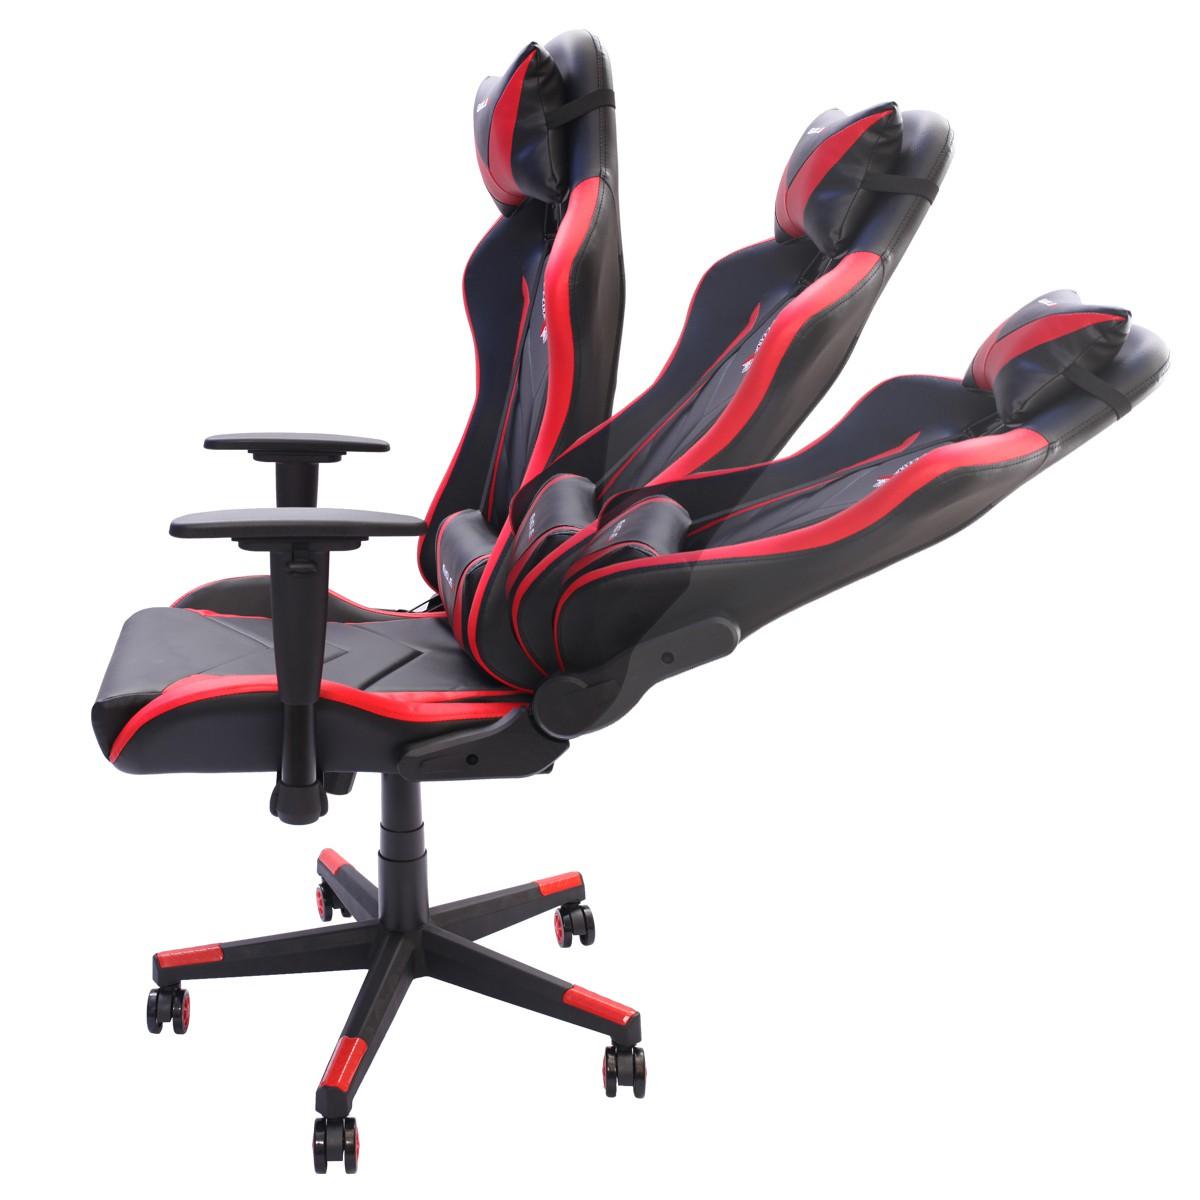 Cadeira Gamer EagleX Pro Giratória com Ajuste de Altura, Reclinável e Braços Ajustáveis Vermelho